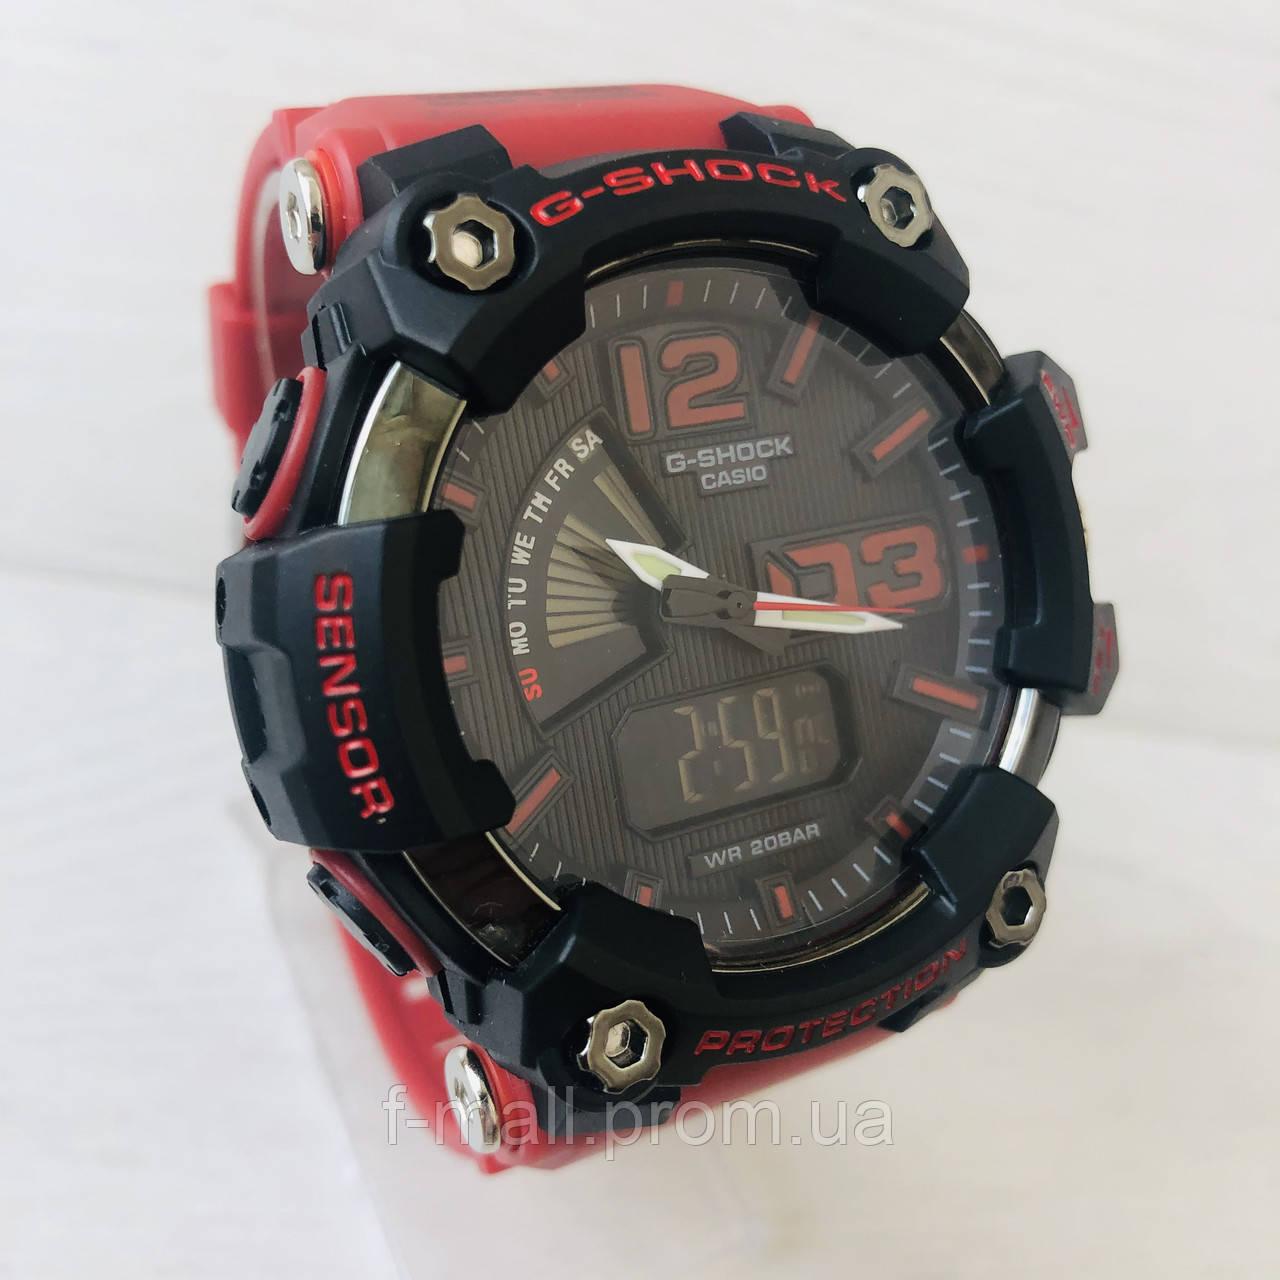 Мужские спортивные наручные часы Casio G-Shock (реплика) красные